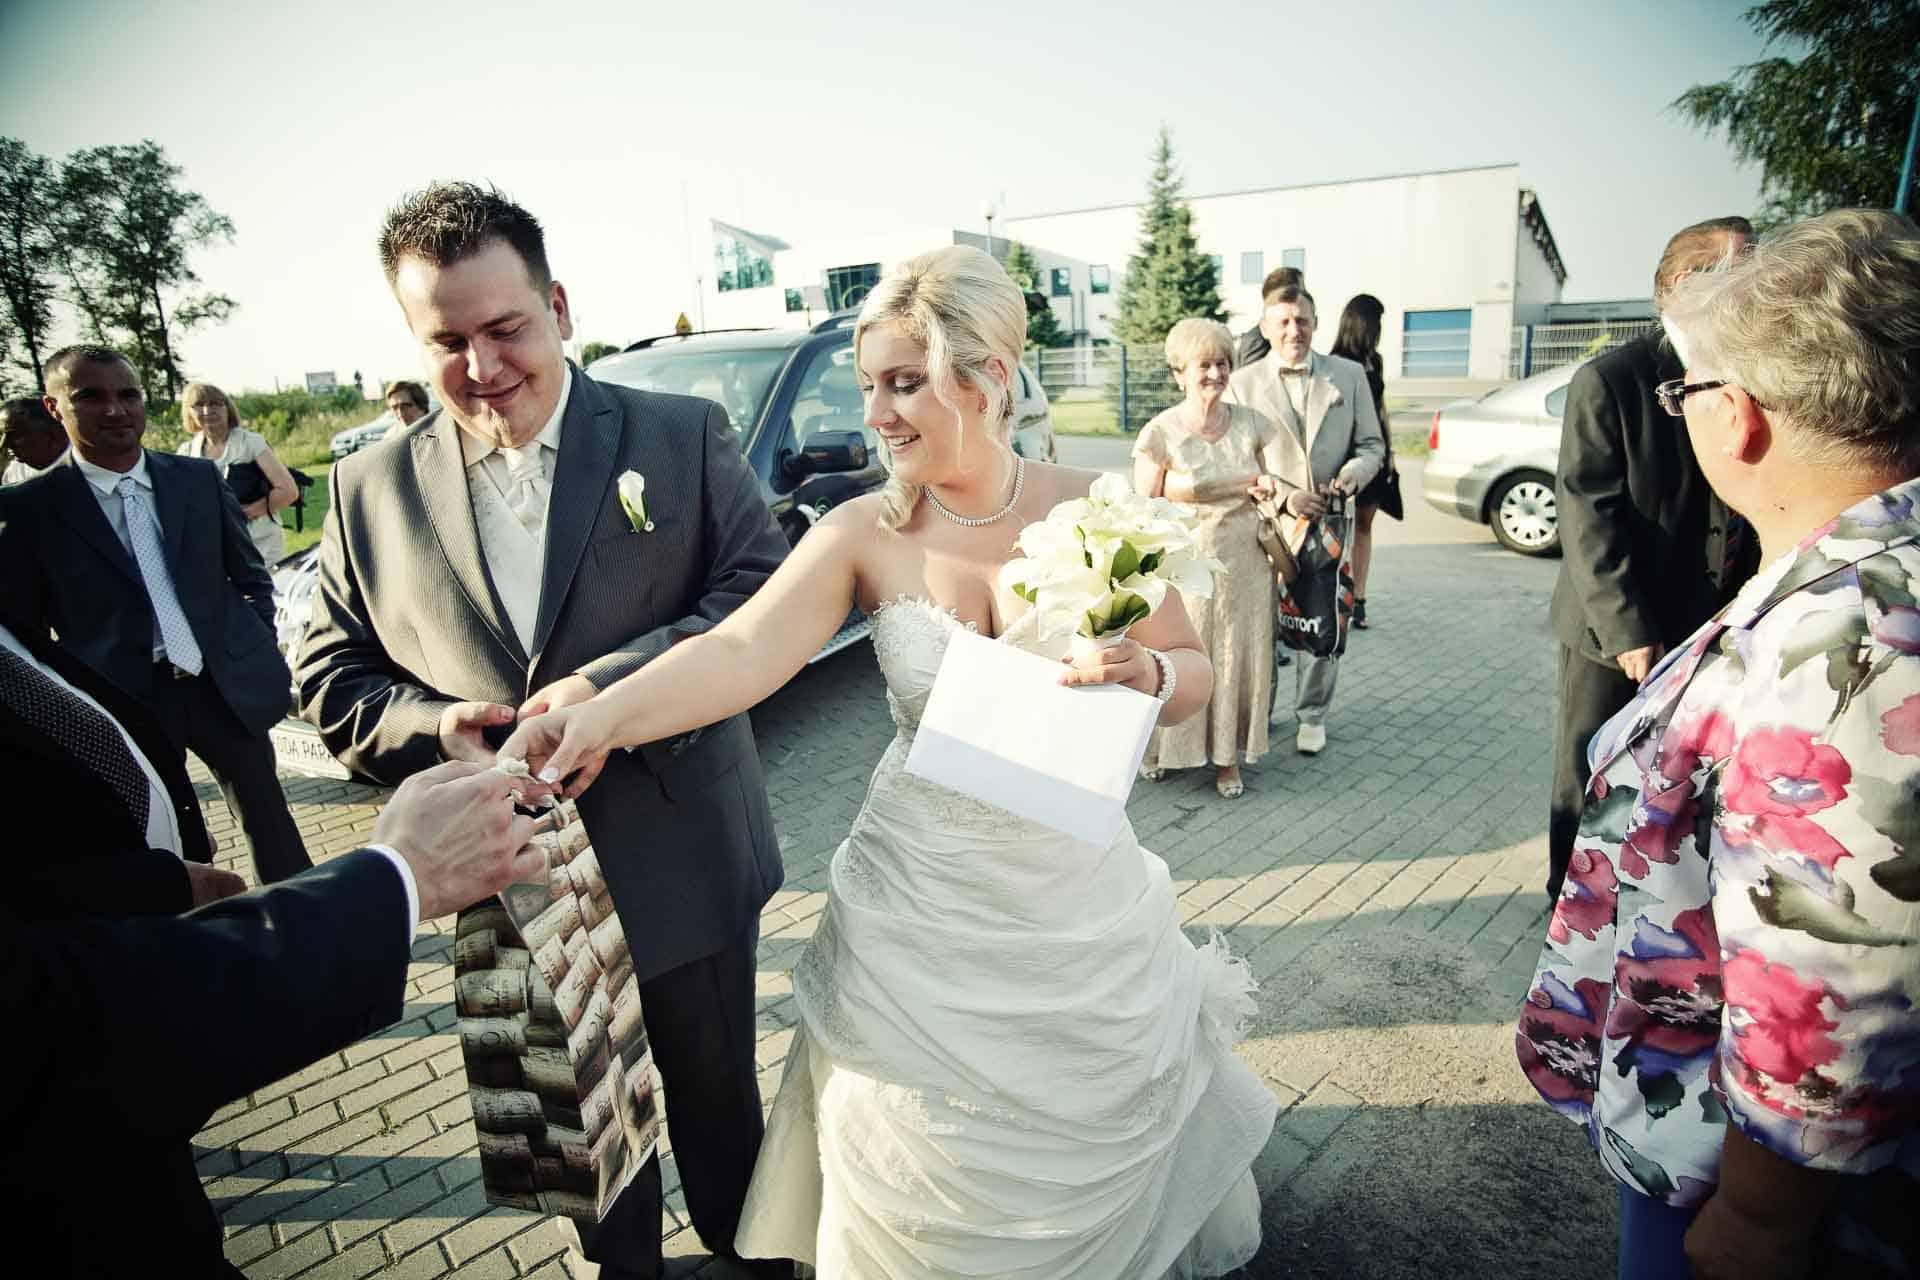 Kolorowa fotografia ślubna upamiętniająca chwile tuż po ceremonii  w kościele